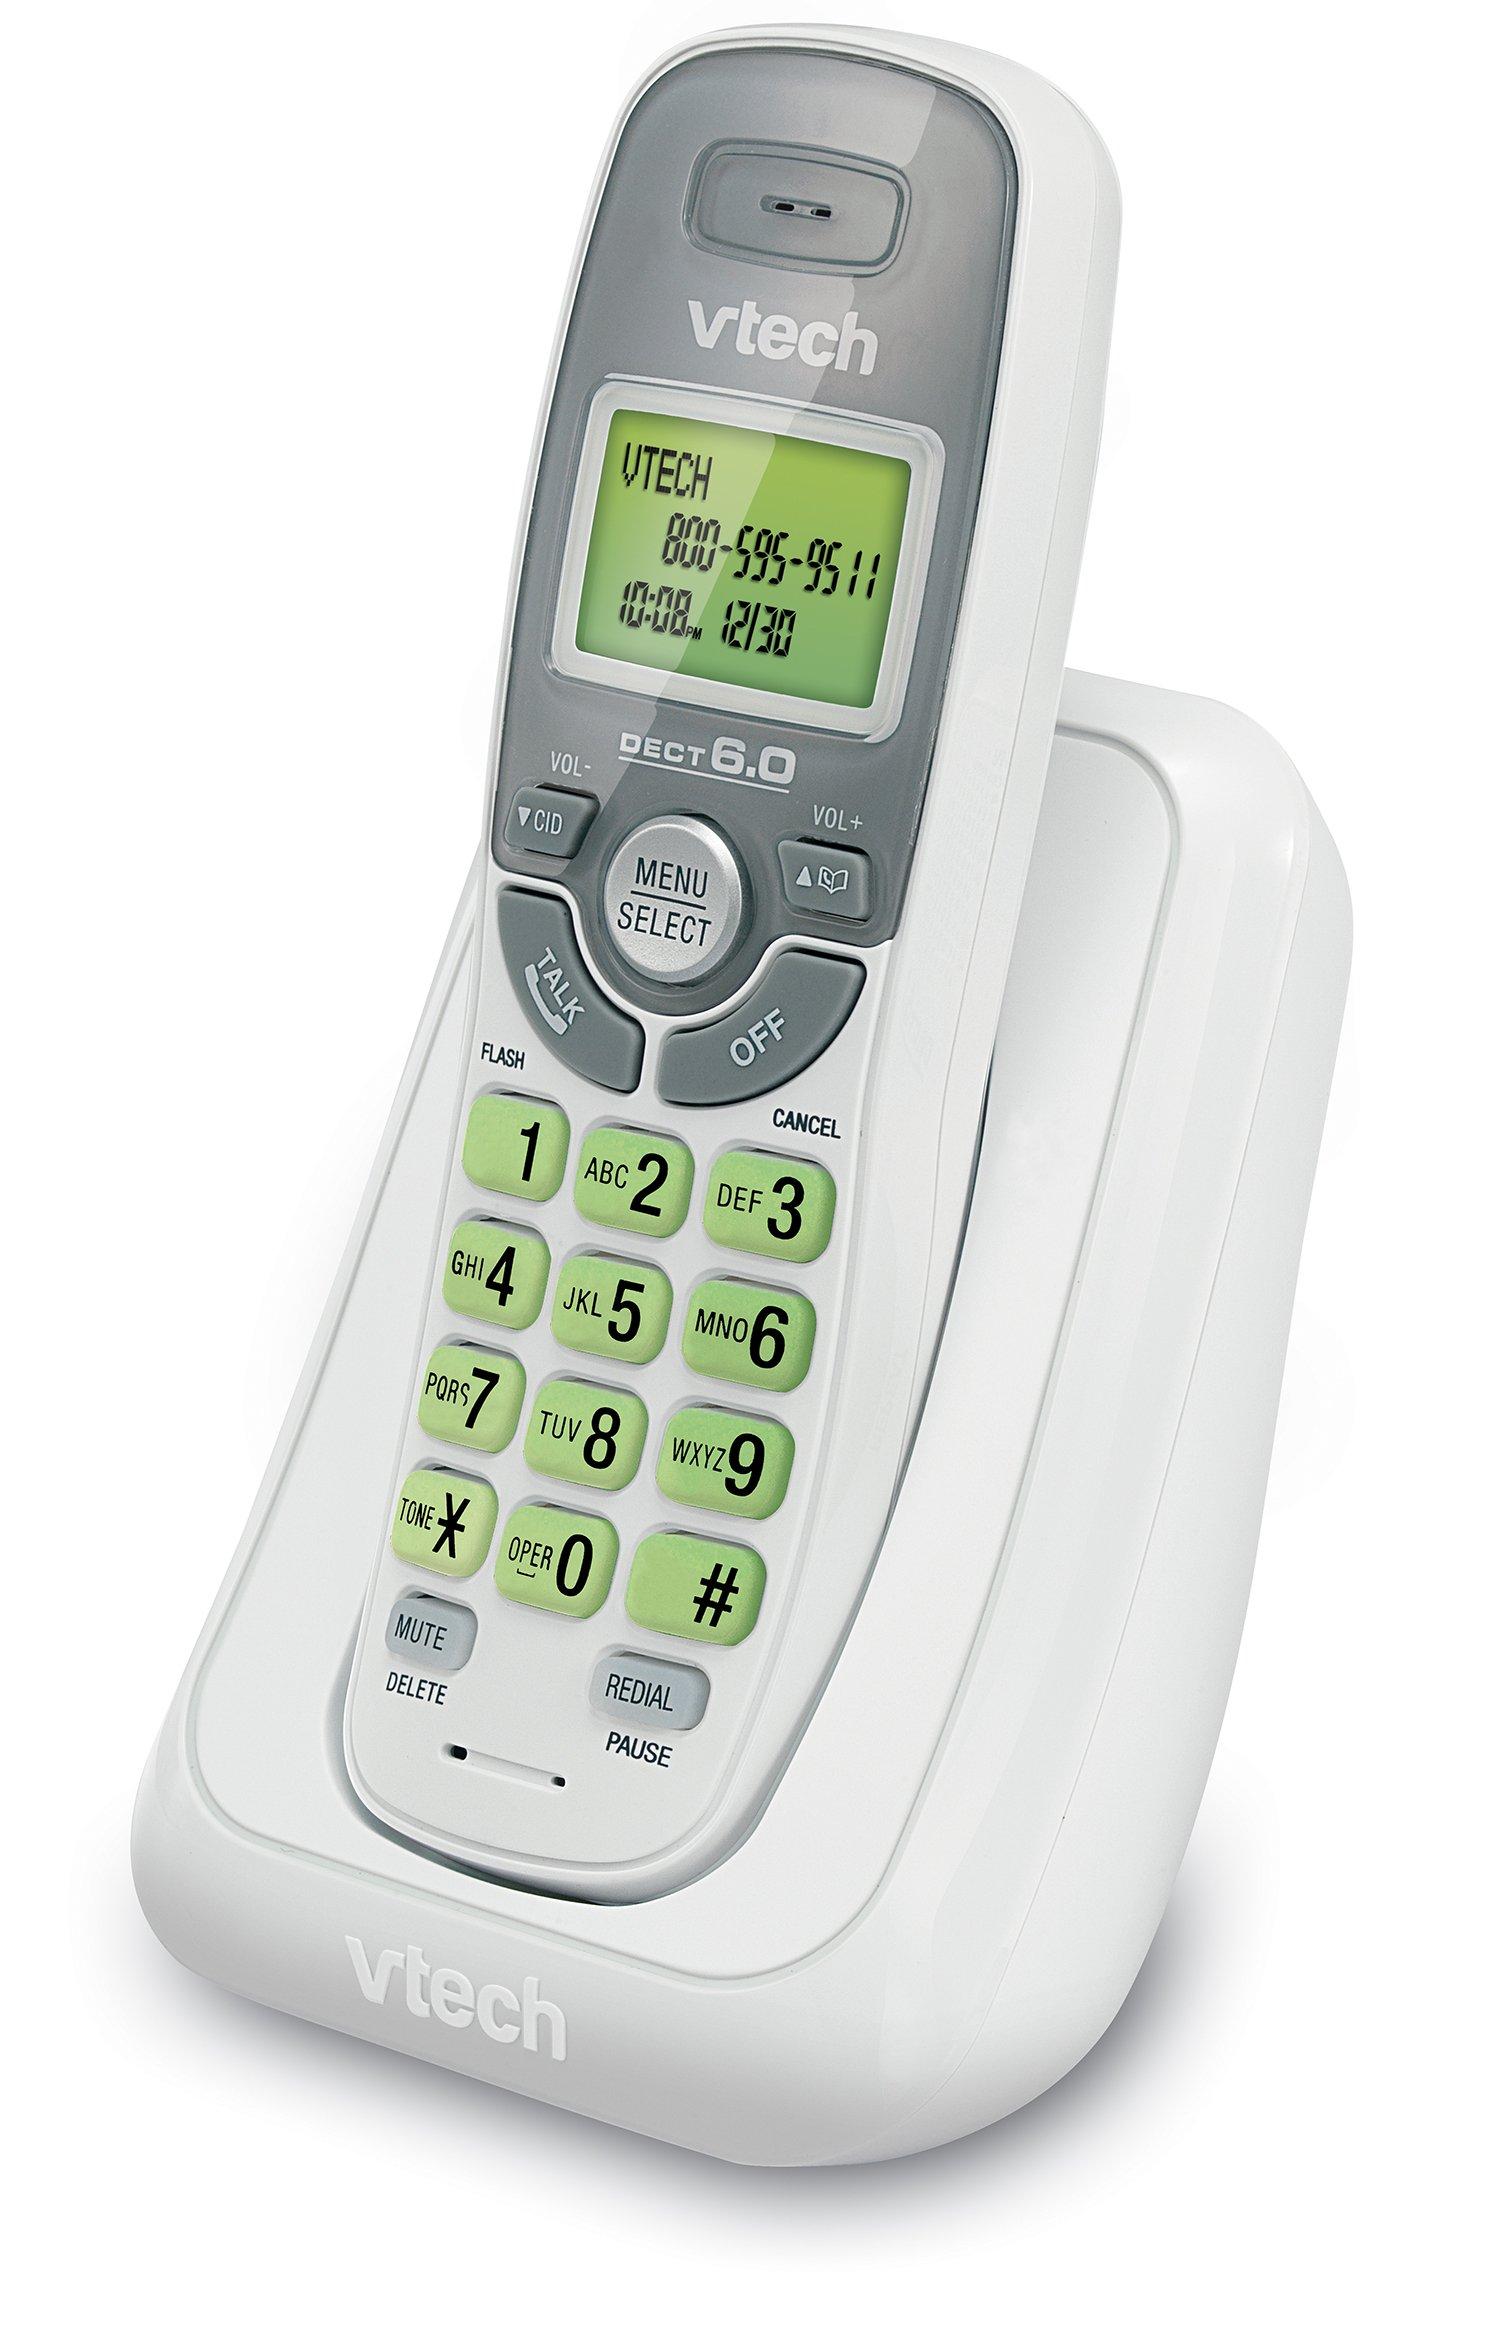 VTech CS6114 Cordless Waiting Handset